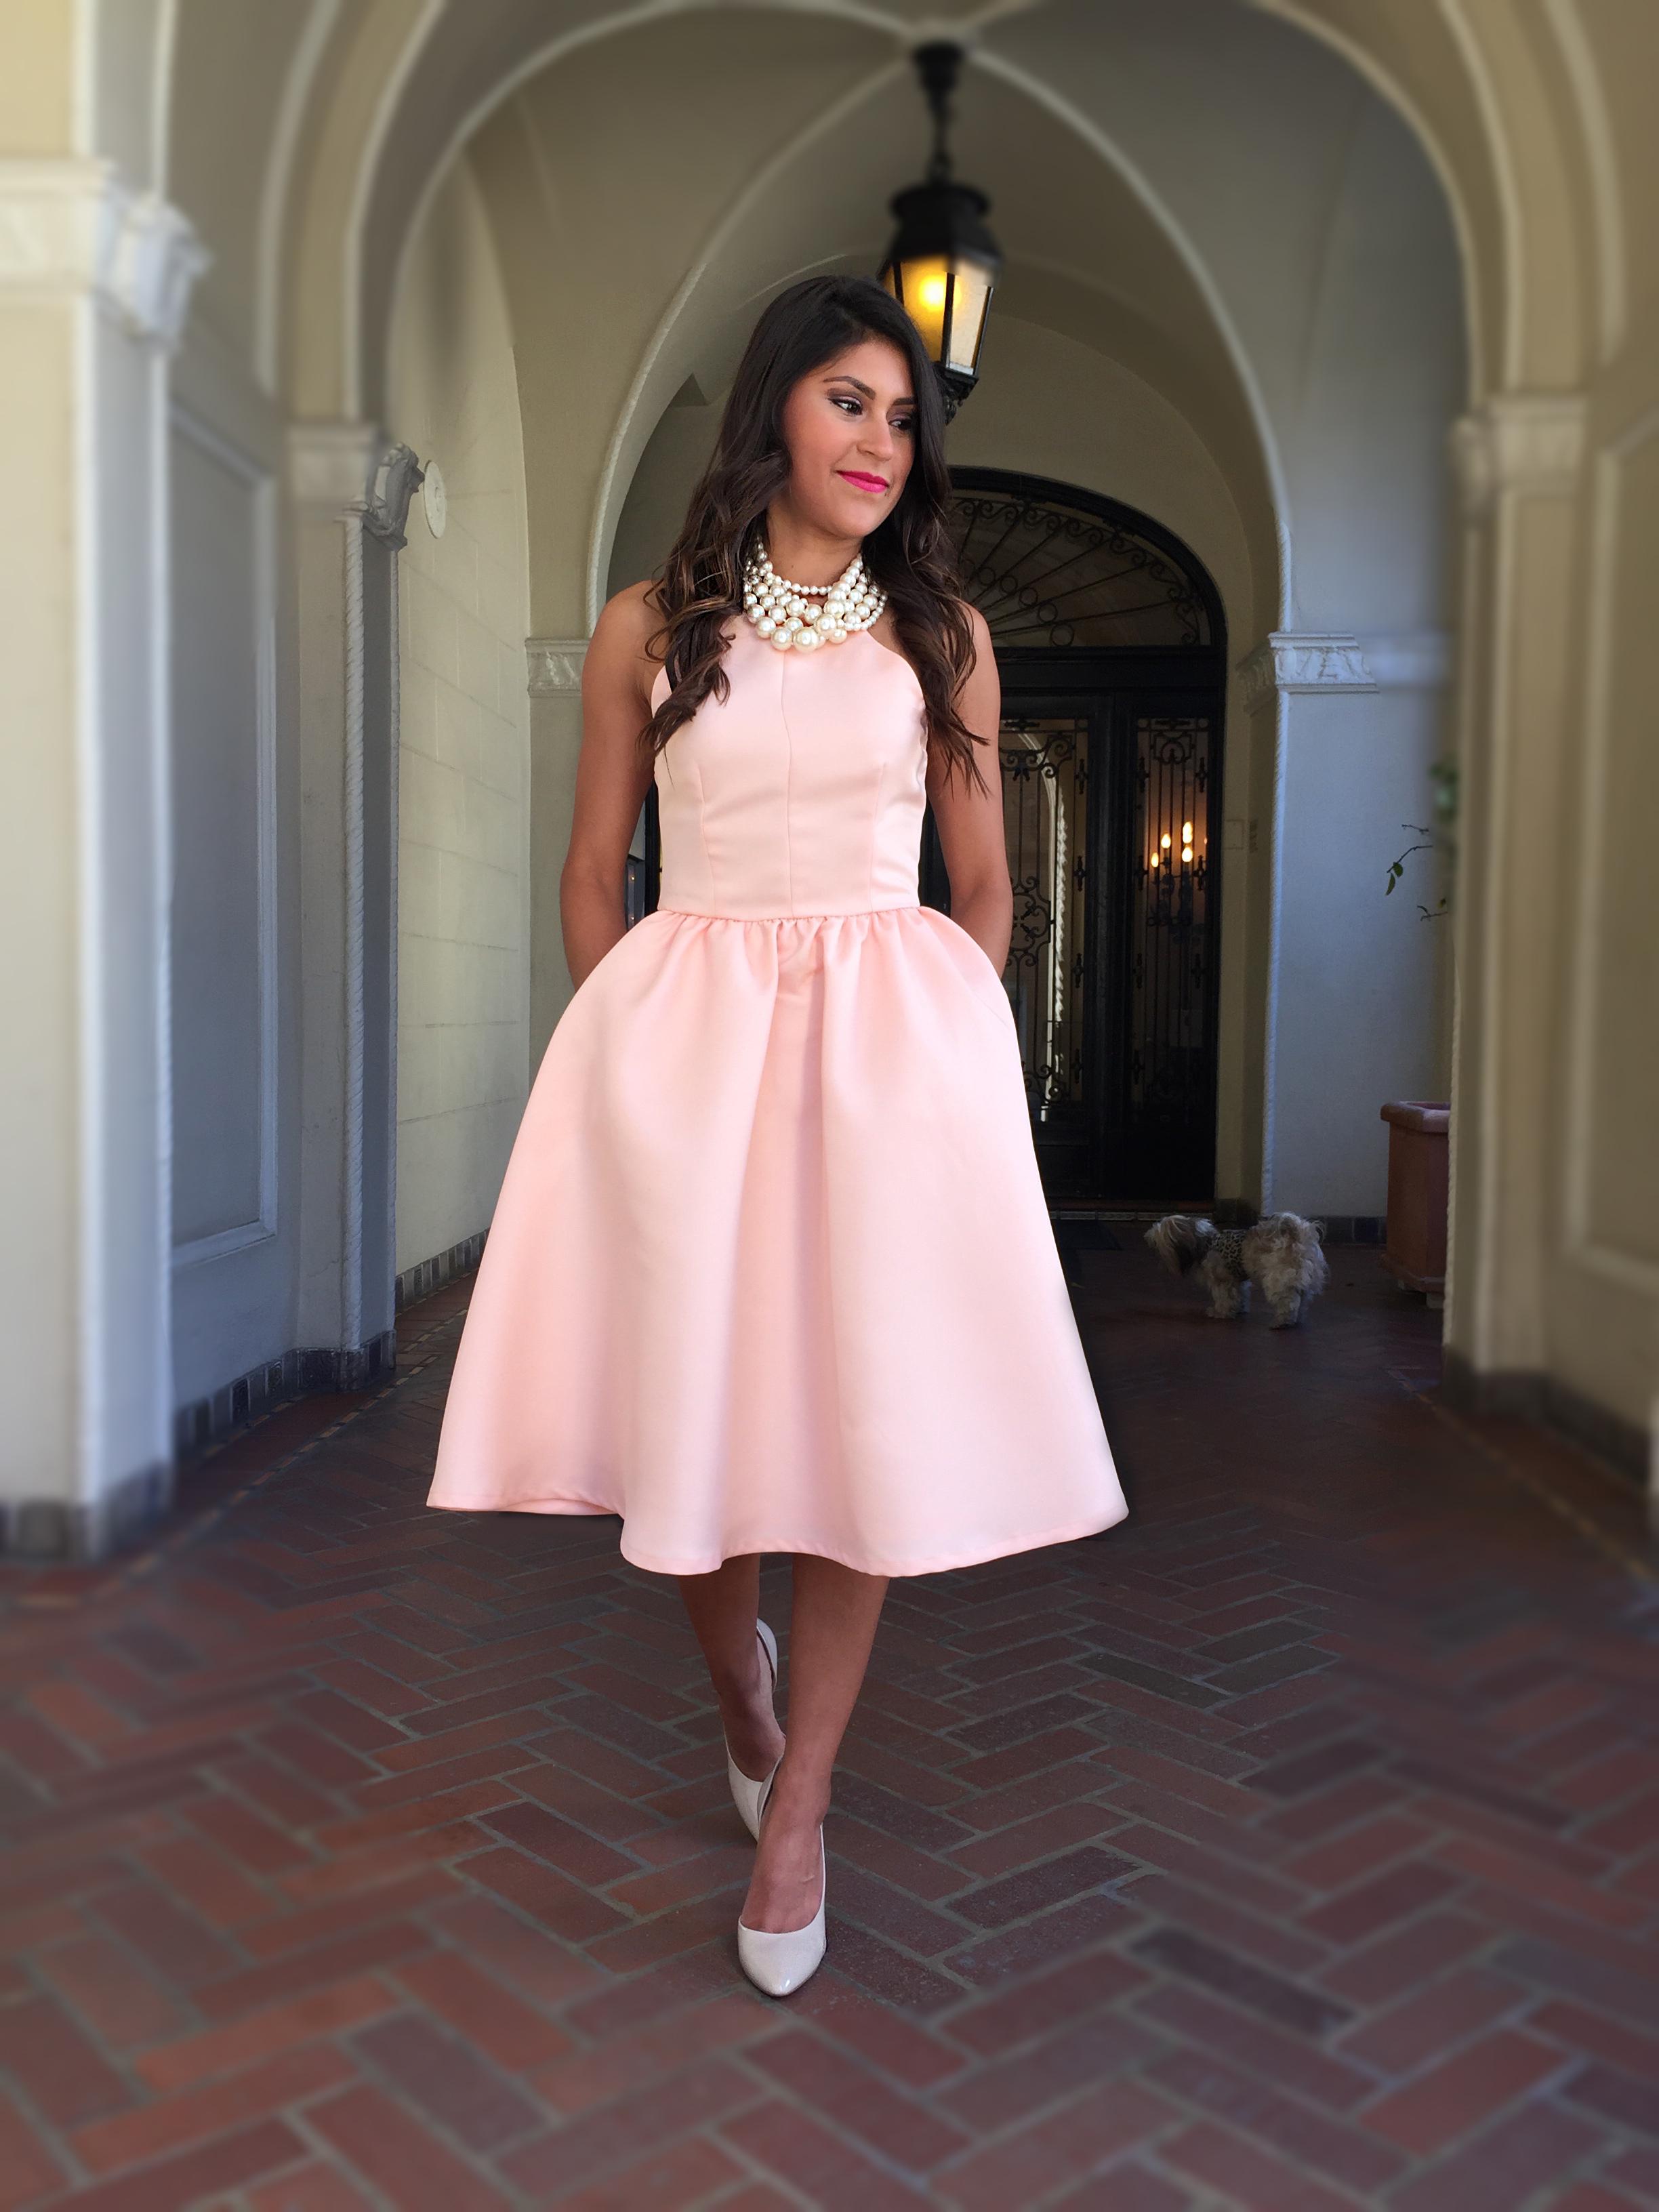 Midi Length Full Skirt | Jill Dress